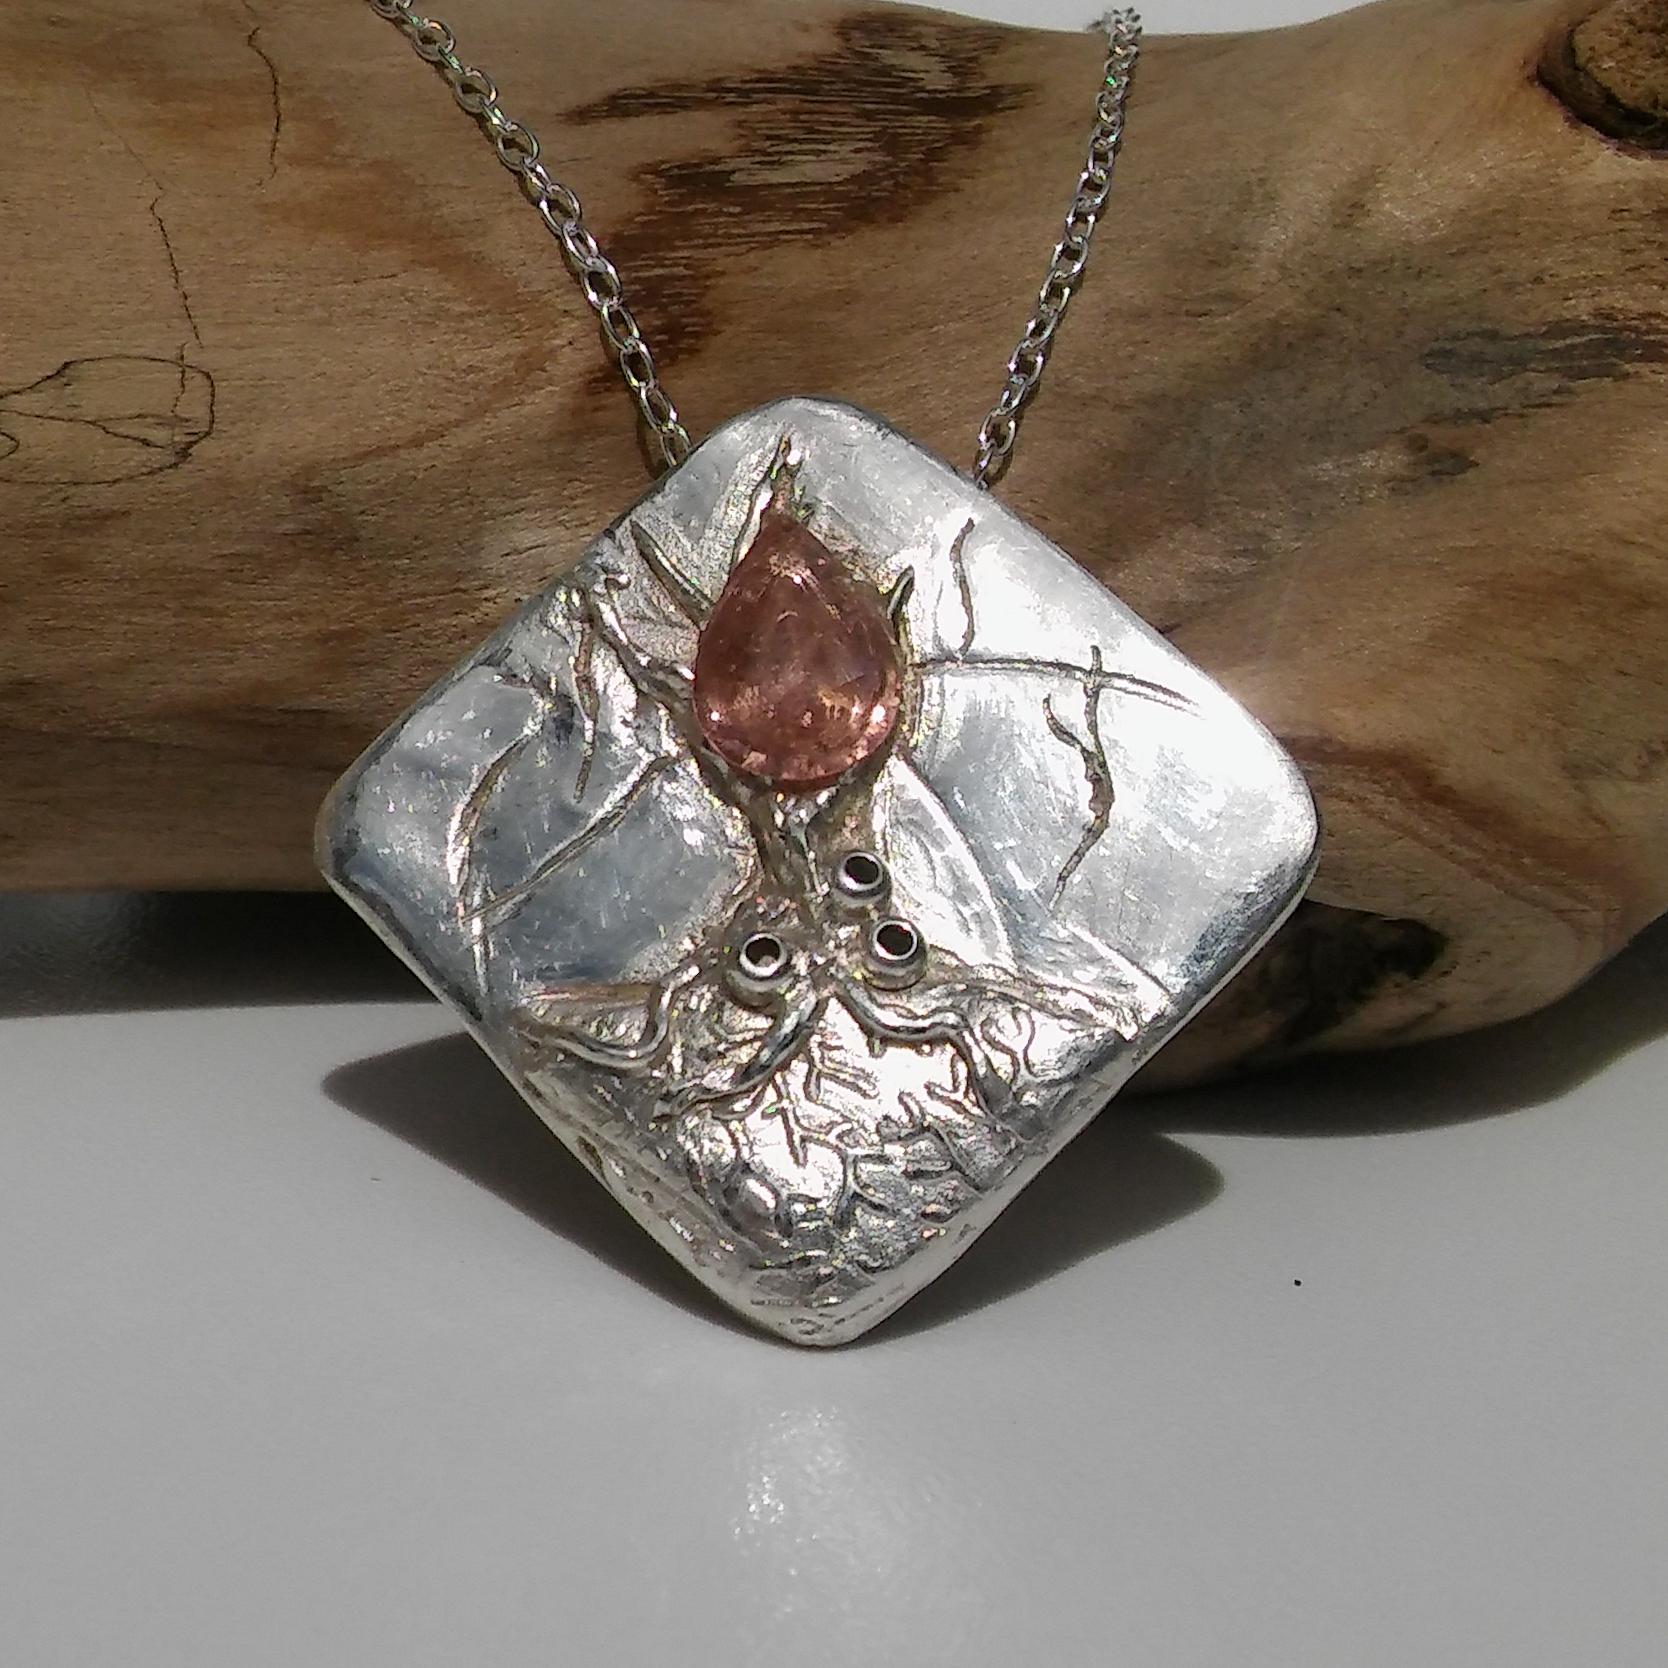 999 Fine Silver Pendant